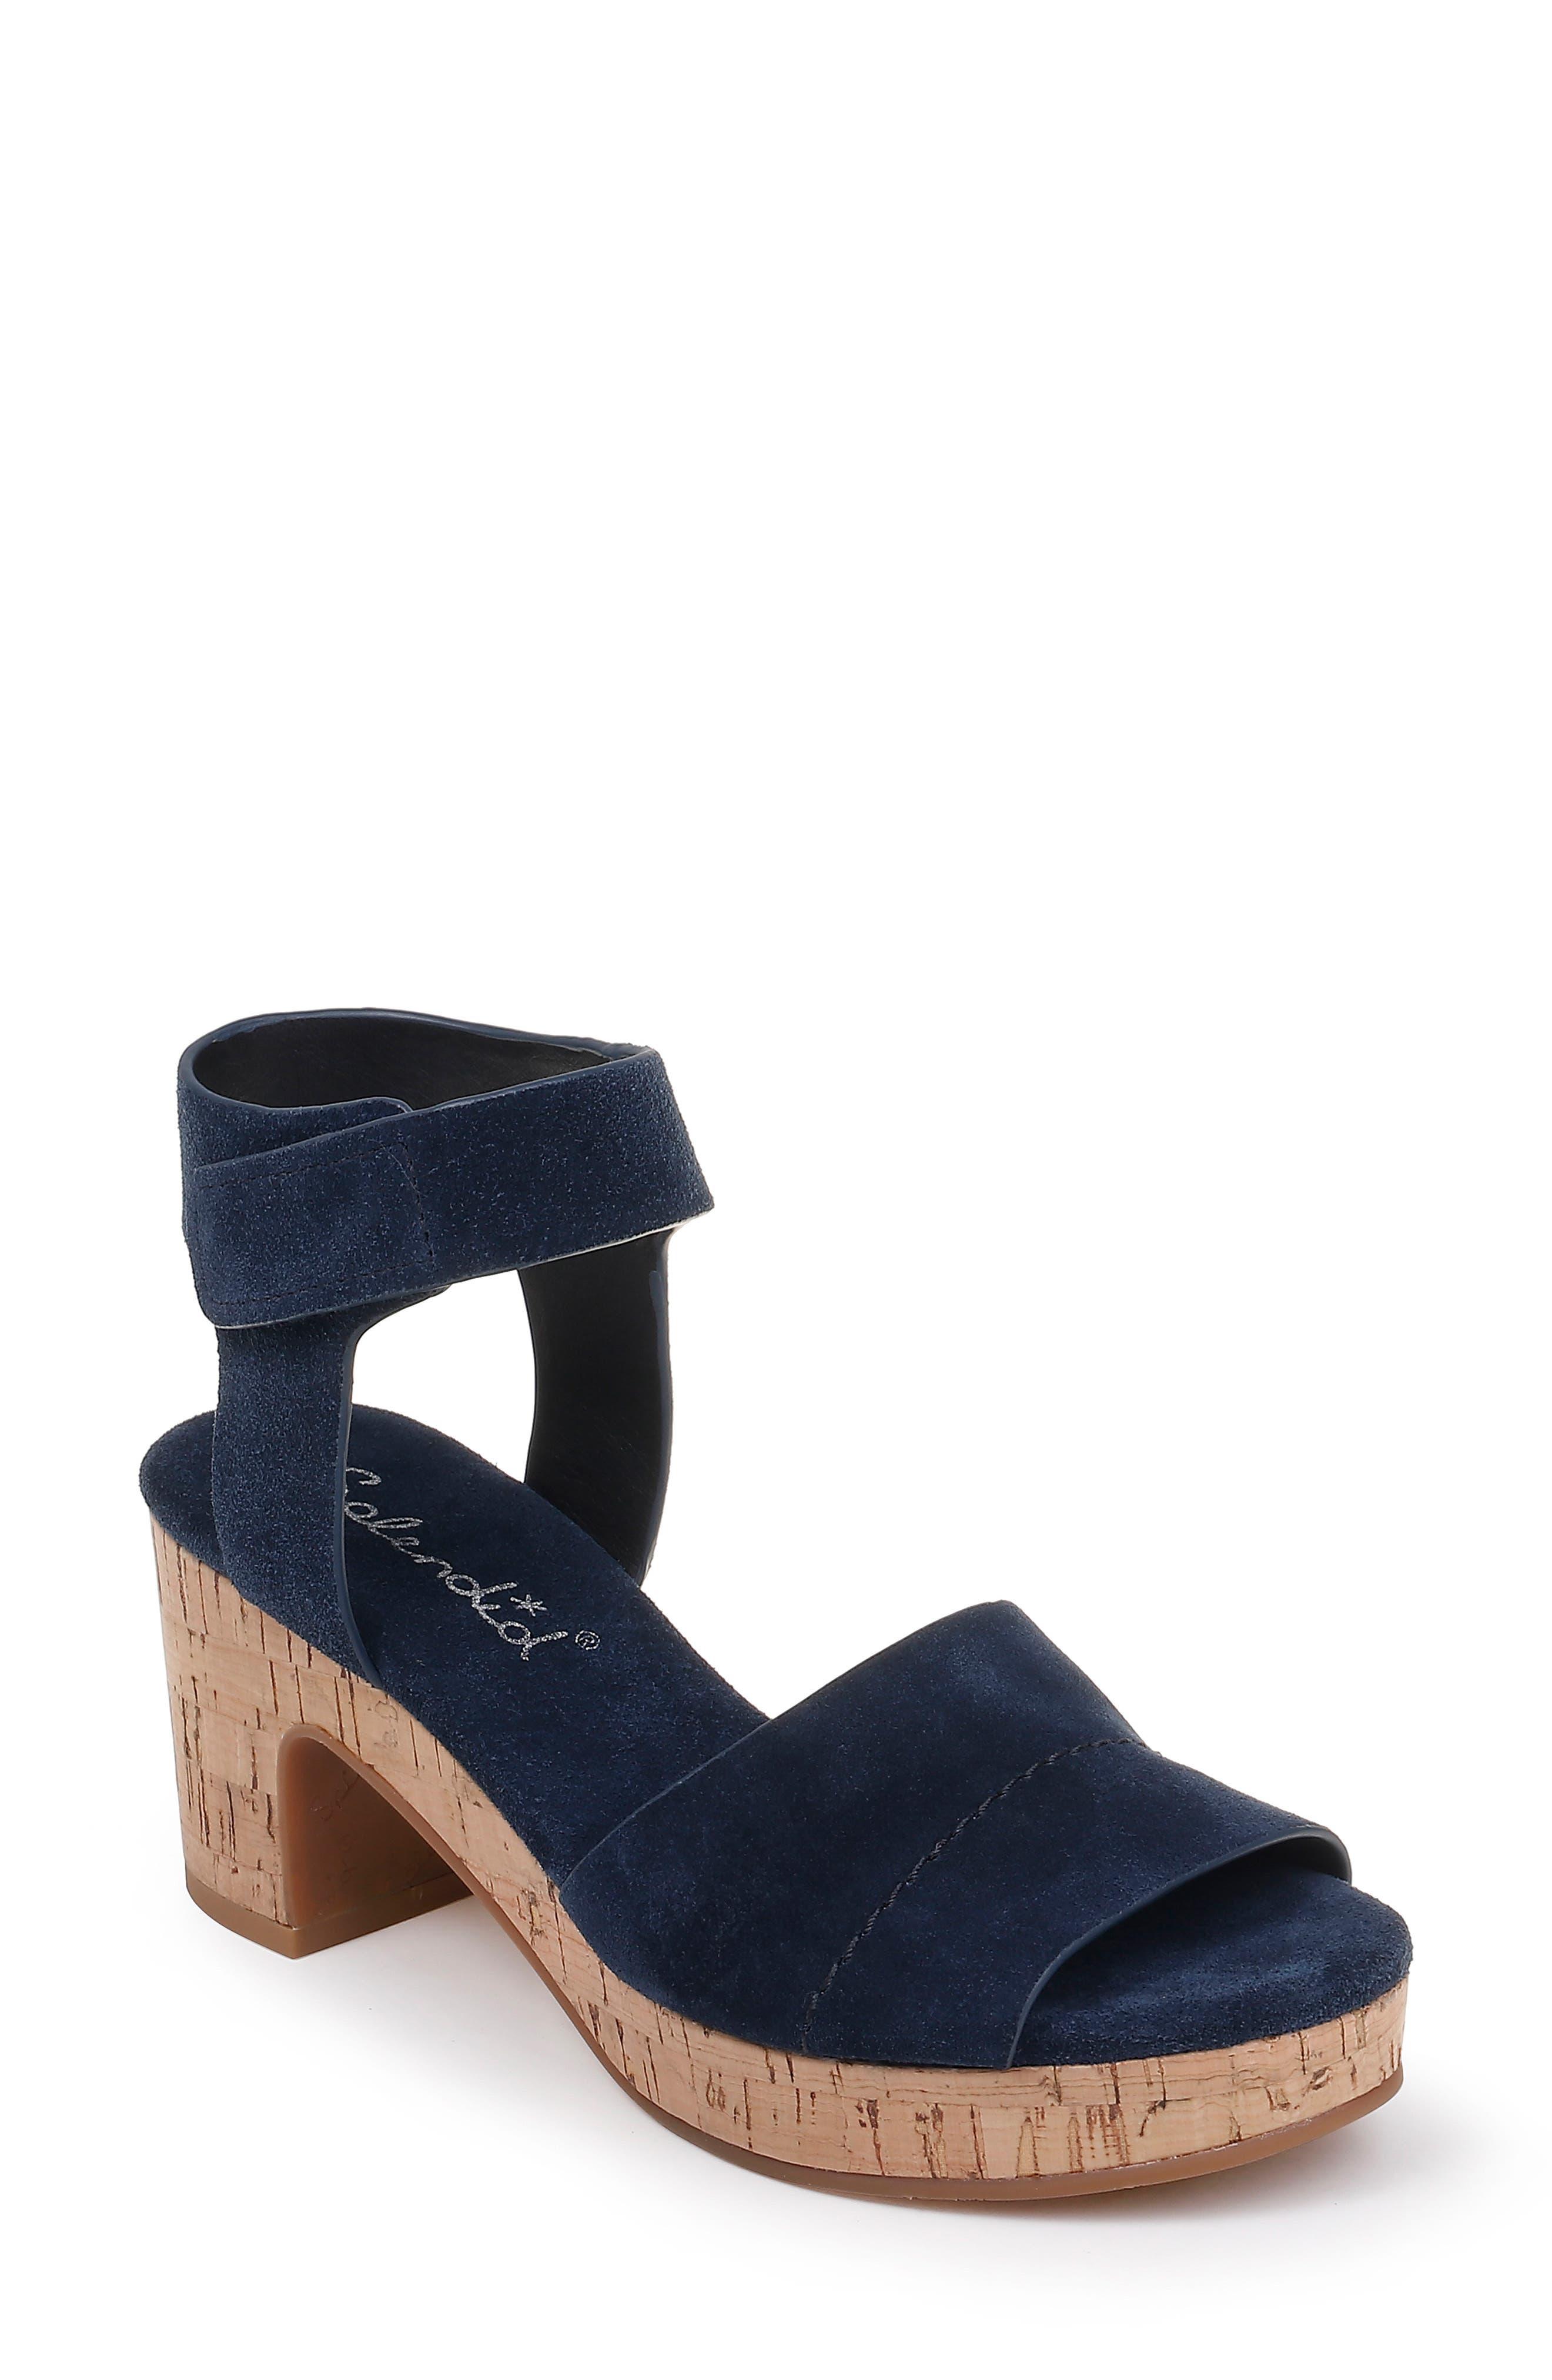 SPLENDID Thatcher Platform Ankle Strap Sandal, Main, color, NAVY SUEDE